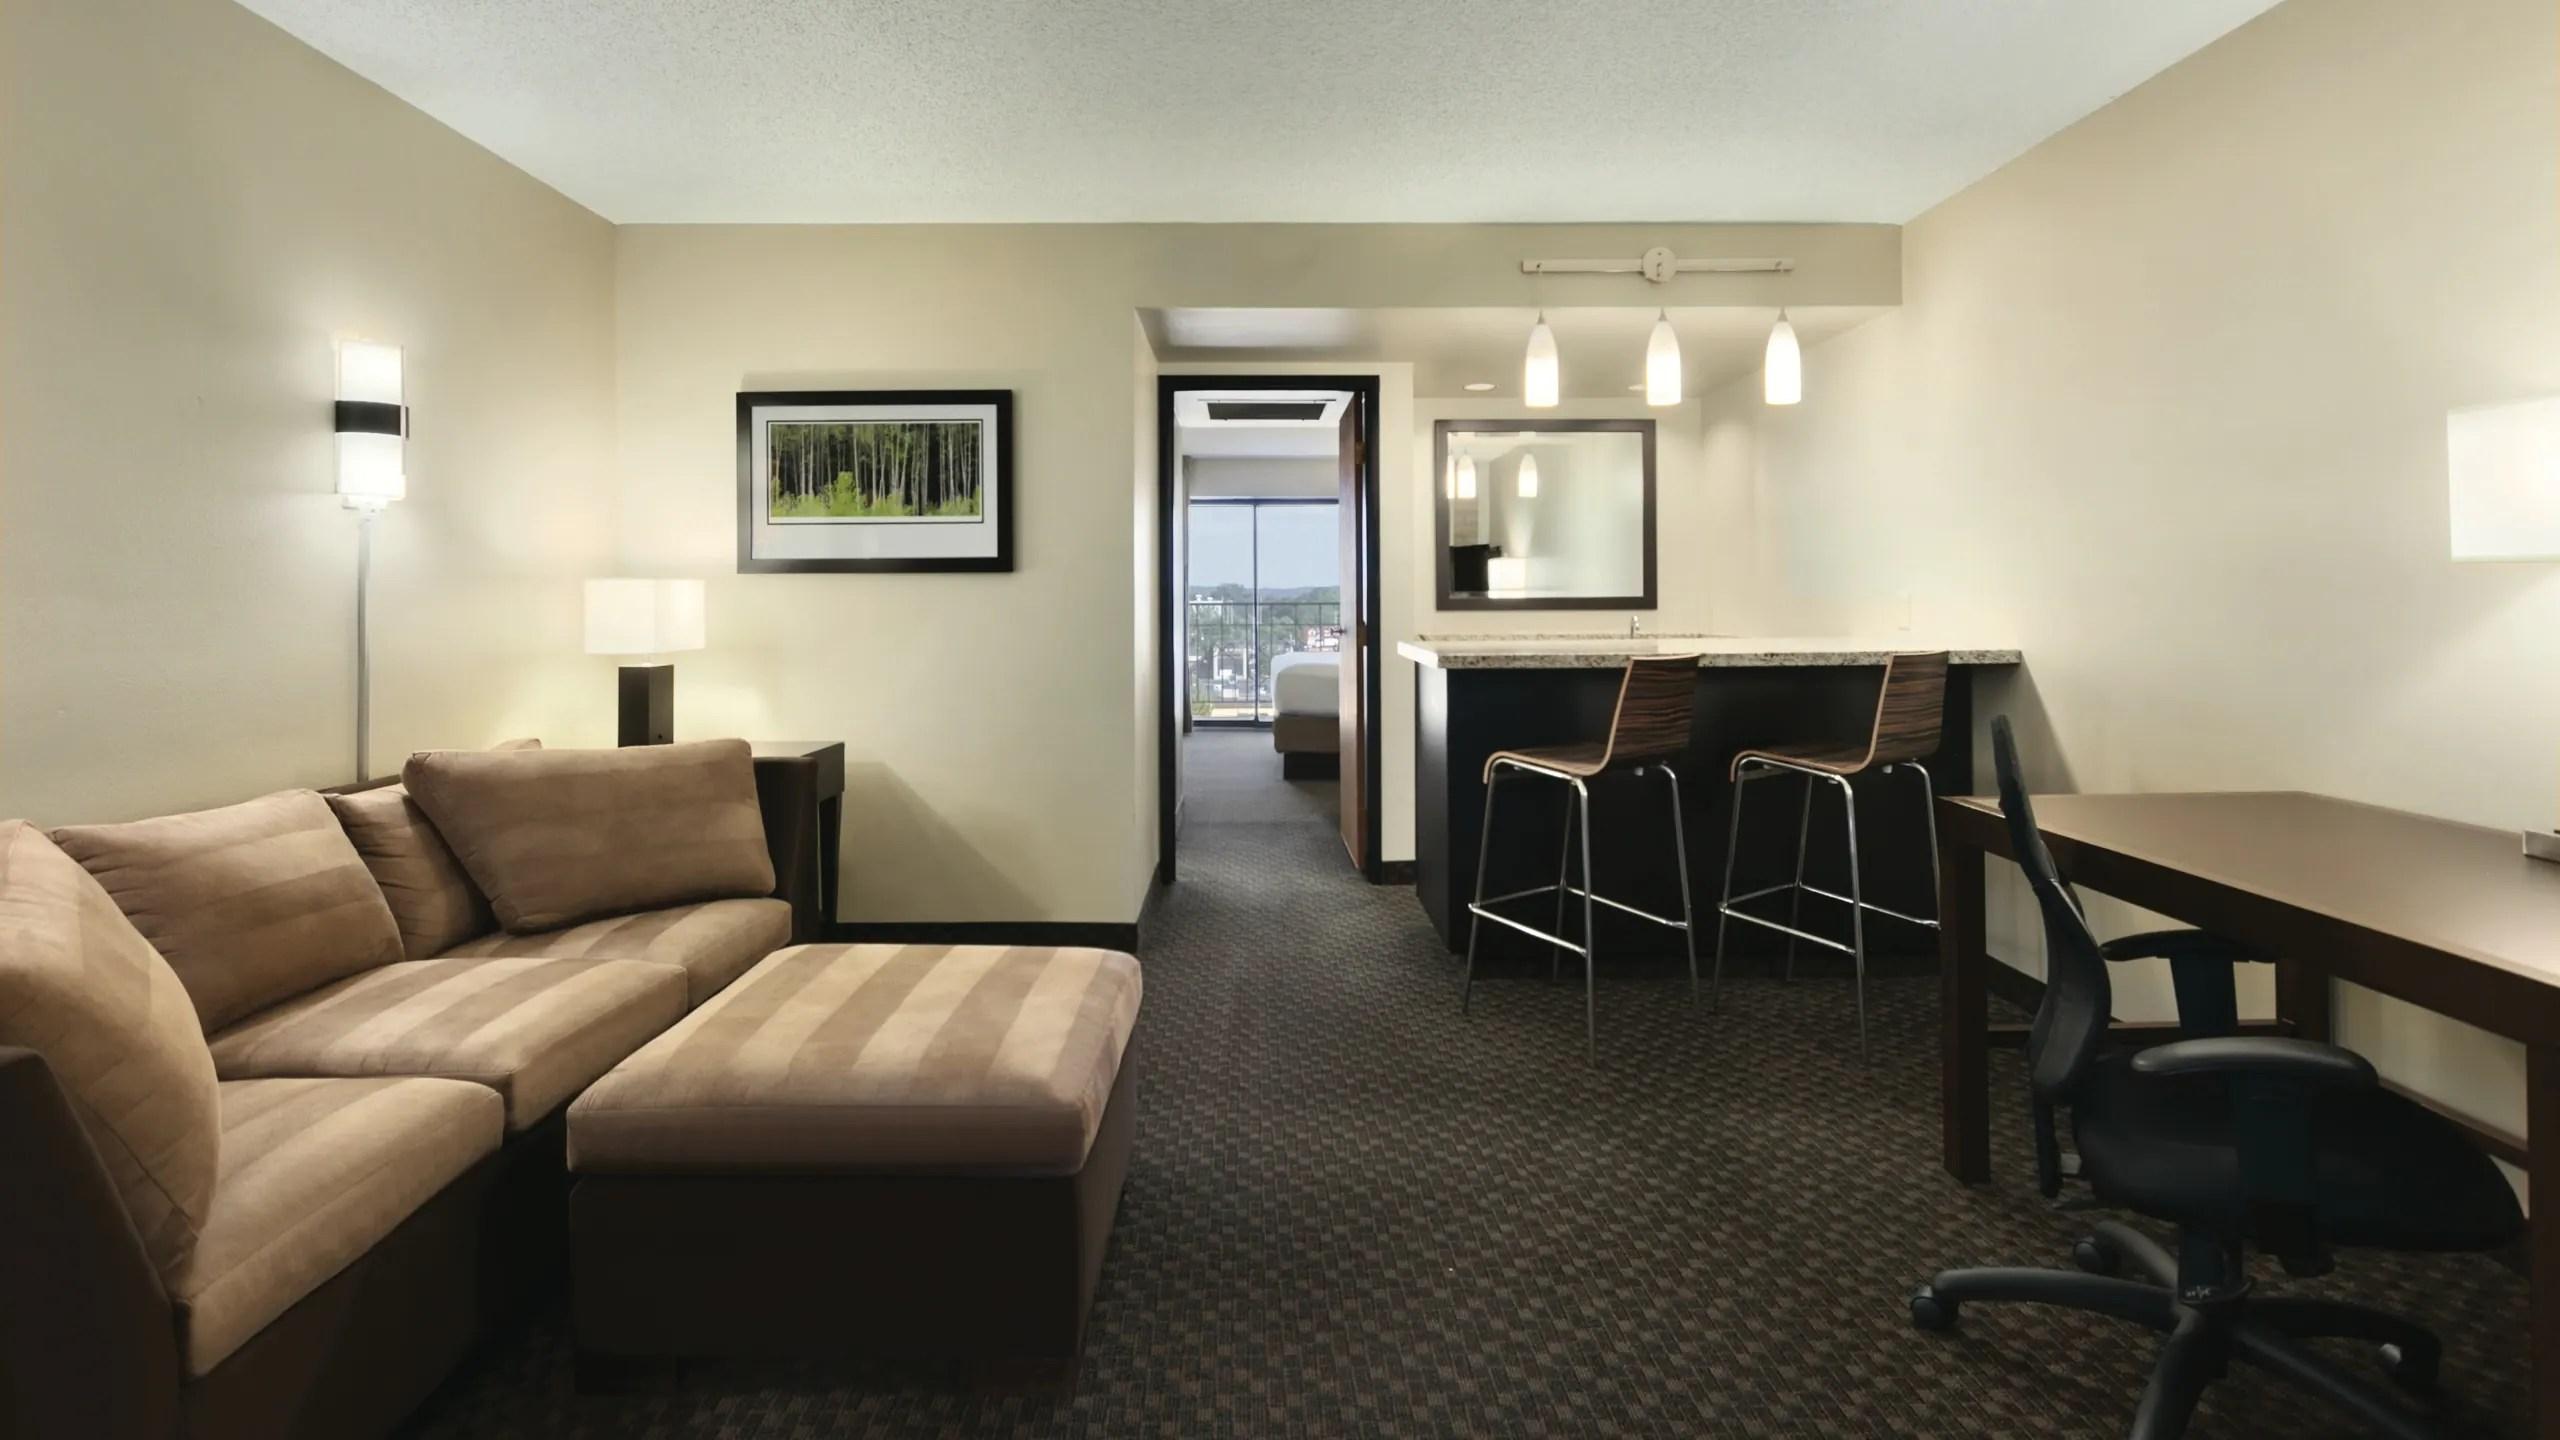 Here are five tips for choosing lighting for your living room. Upscale KI Convention Center Hotel   Hyatt Regency Green Bay